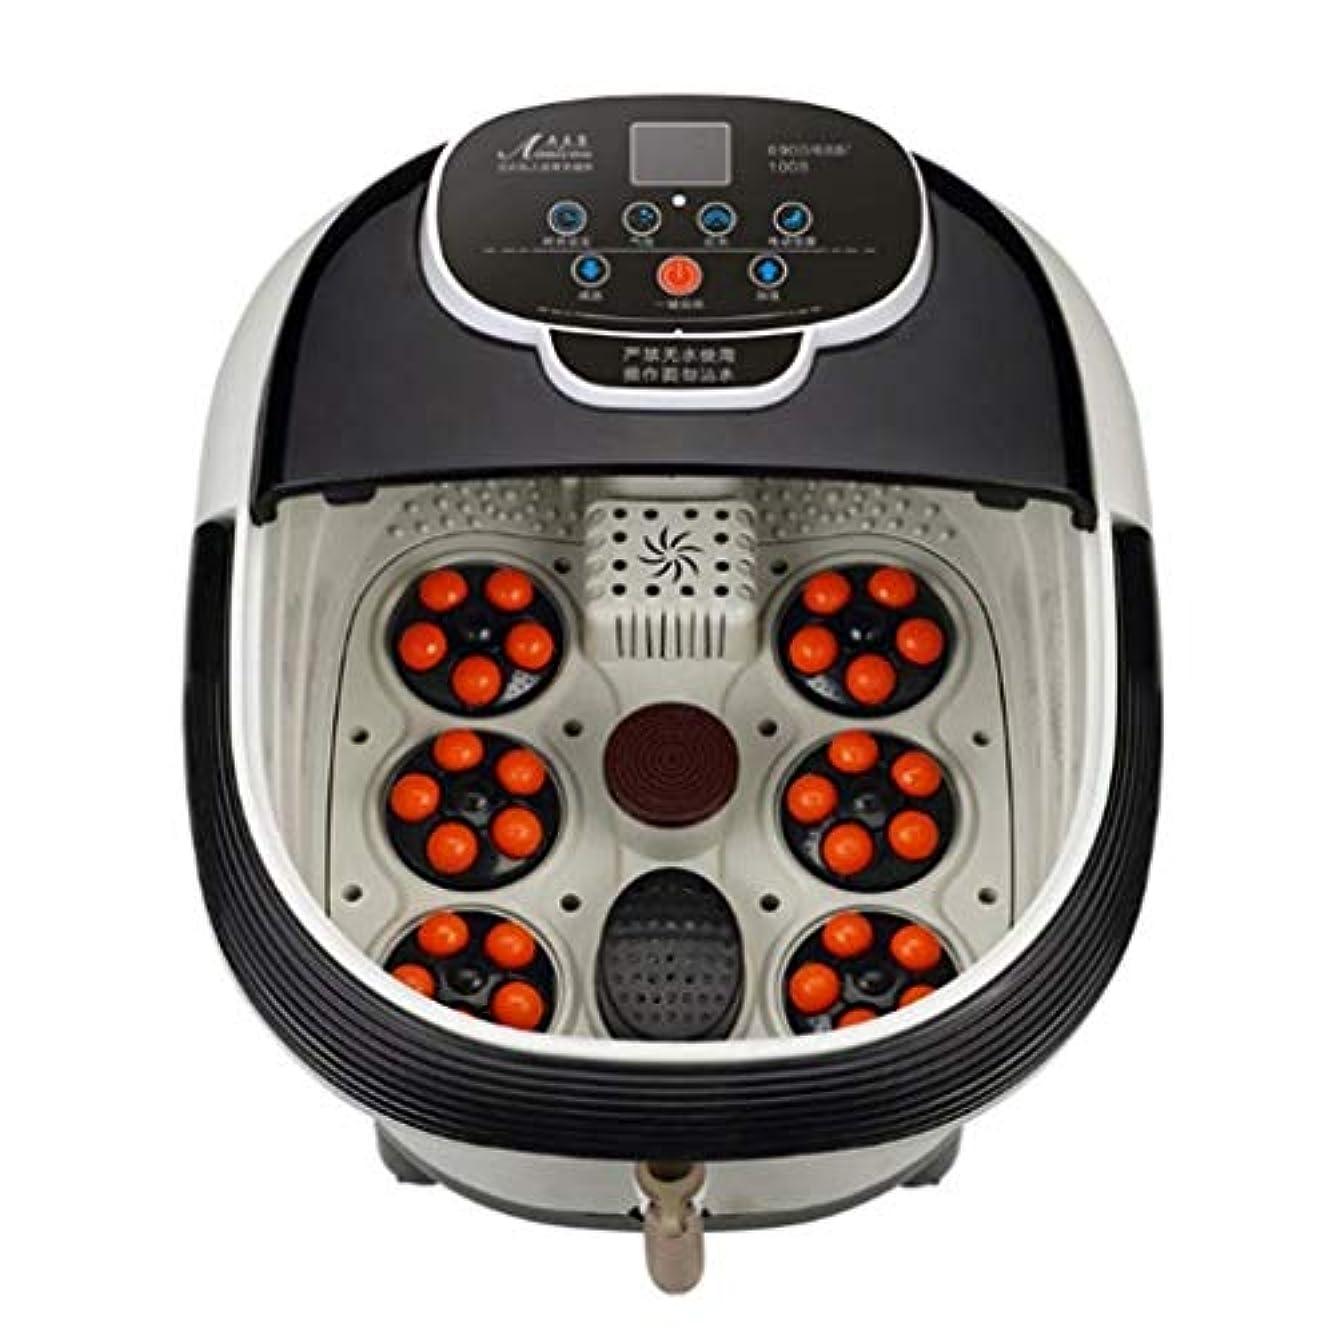 きゅうり執着輪郭電動フットマッサージベイスン、フットバスバレル、フットバススパマッサージャー、痛みの緩和/睡眠の促進、ホームオフィスでの使用